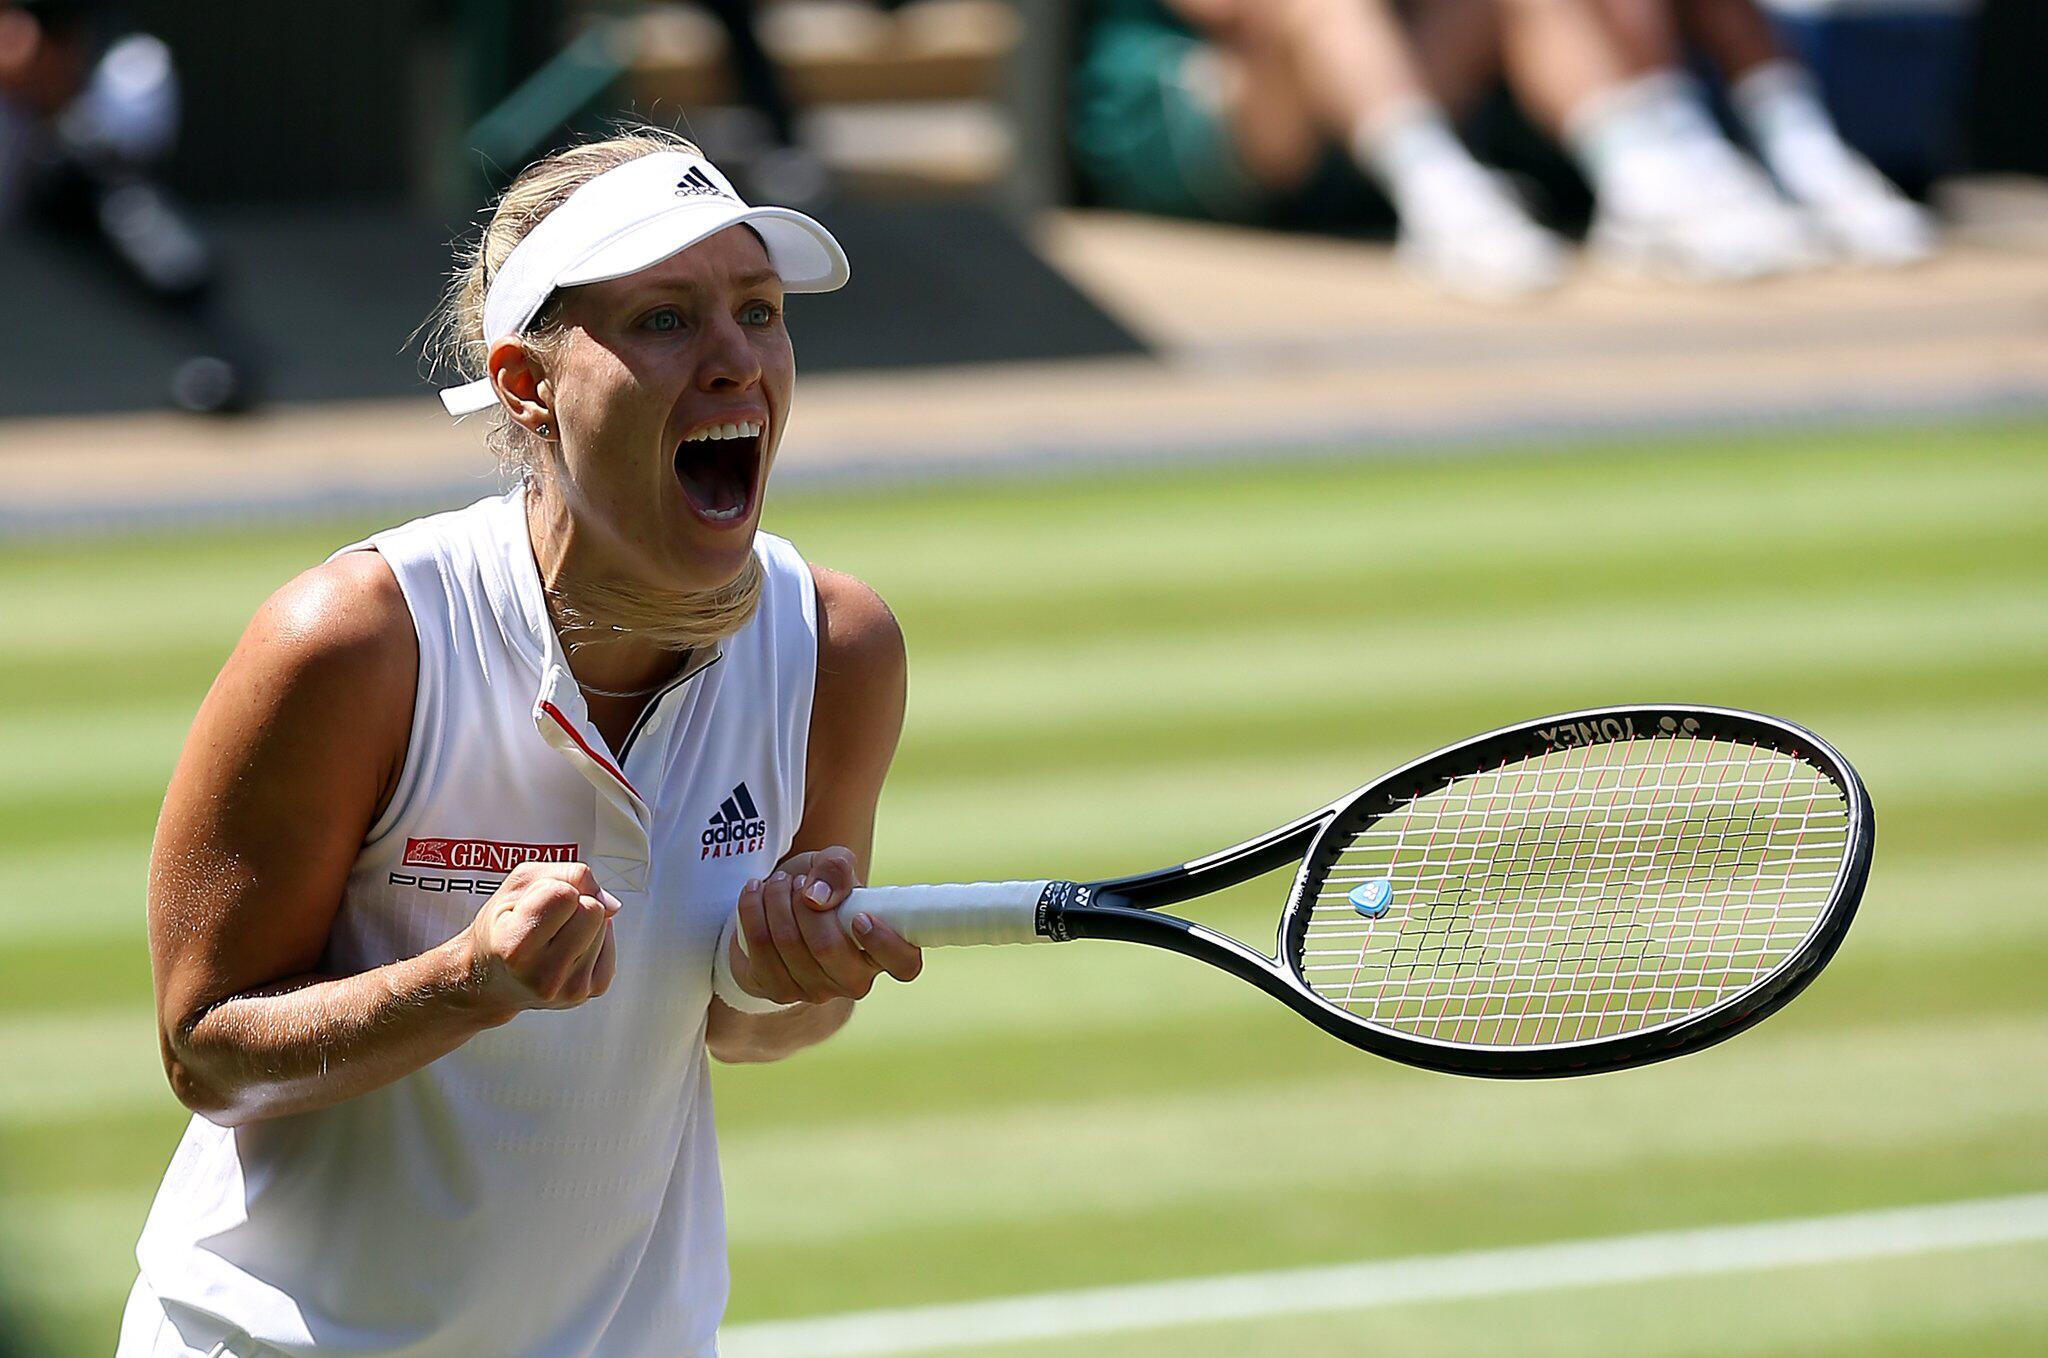 Bild zu Wimbledon 2018, Angelique Kerber